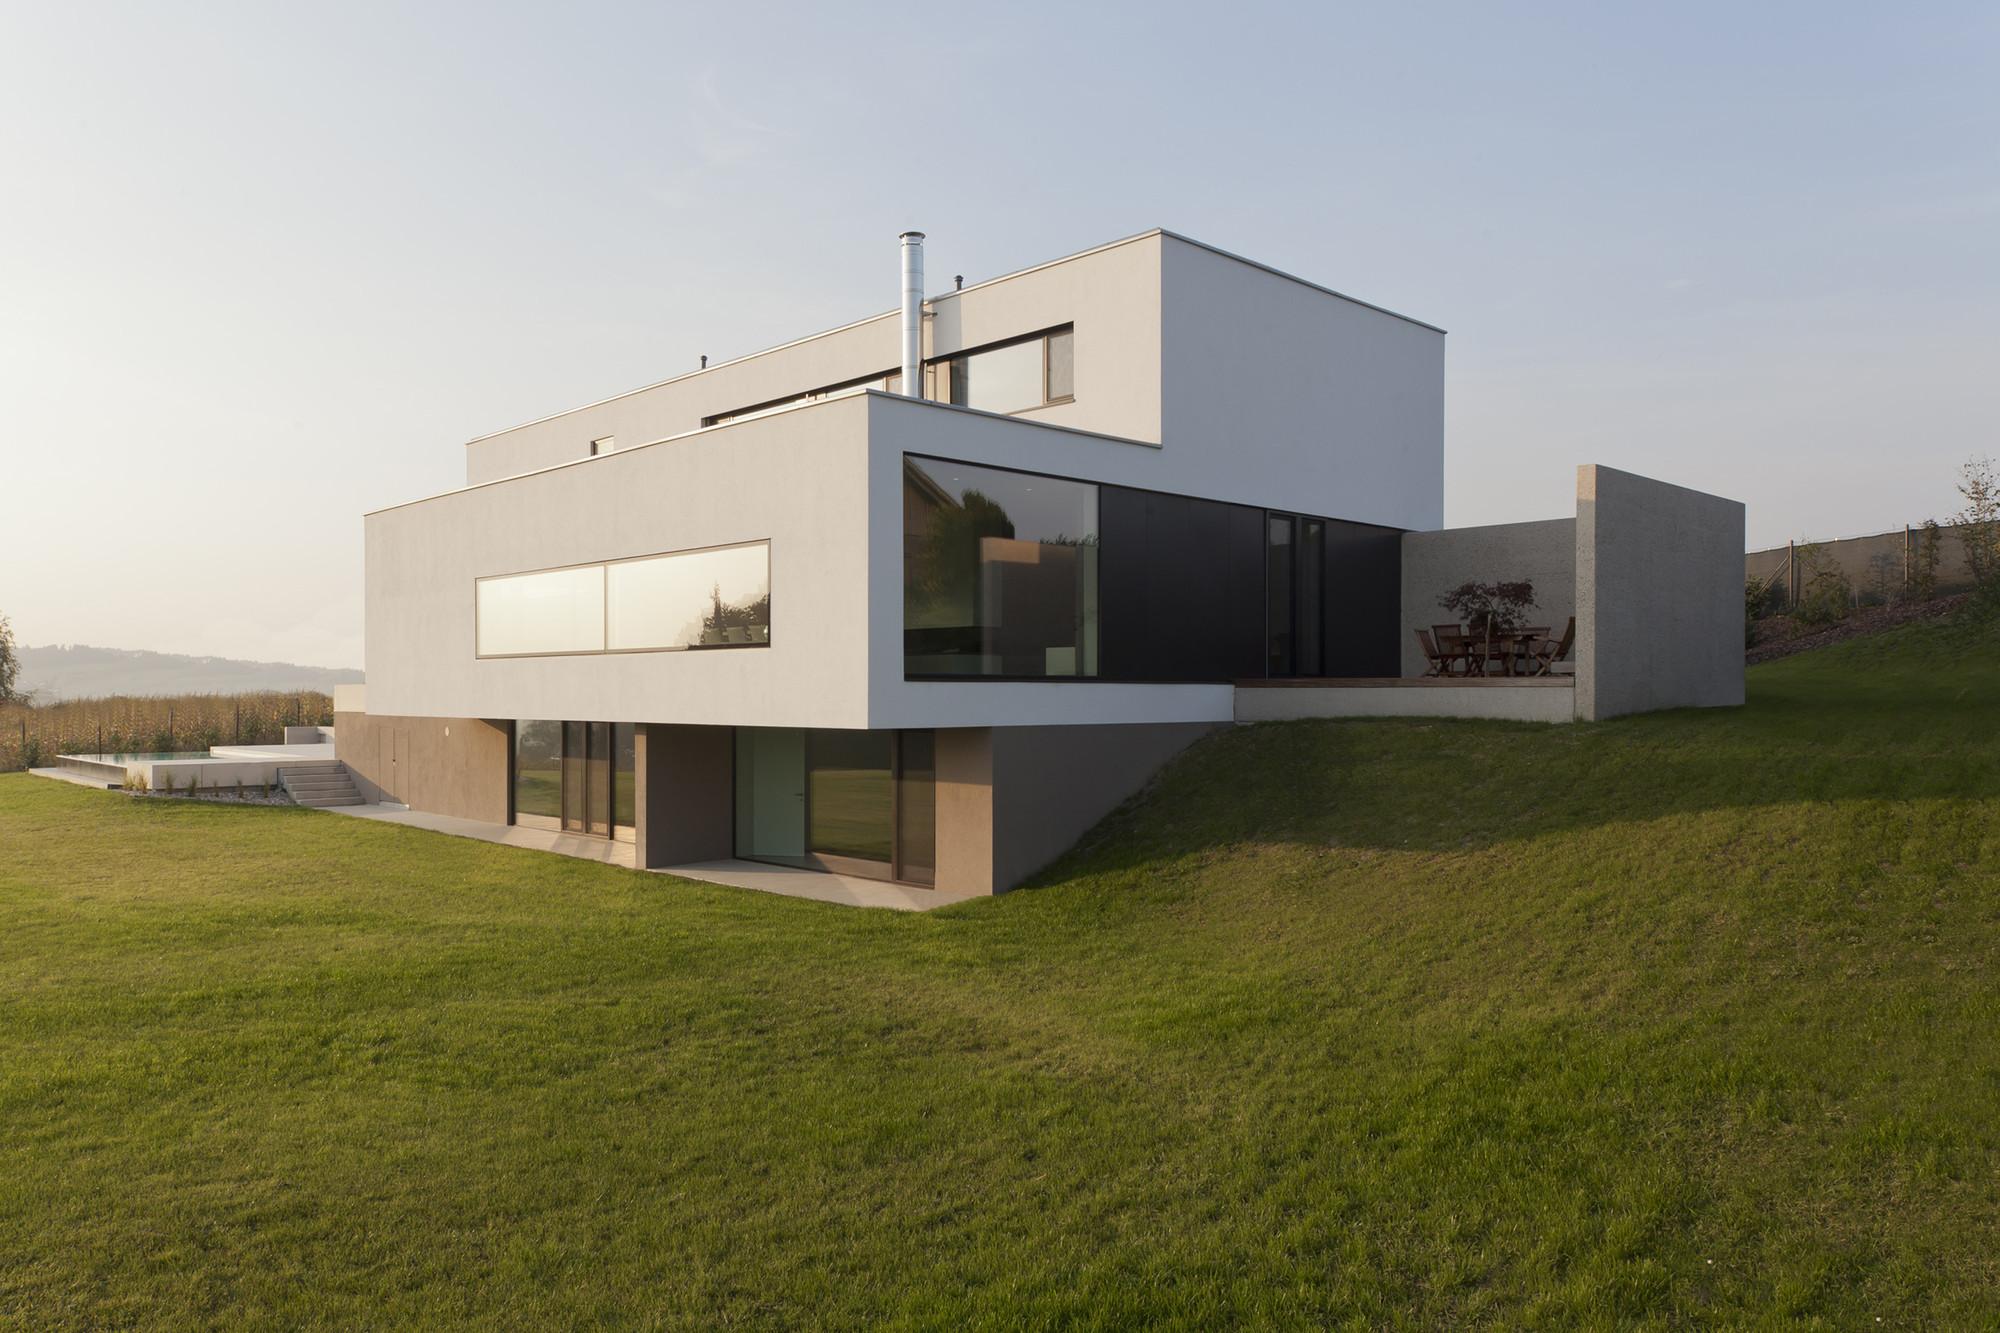 Casa P / Frohring Ablinger Arquitectos